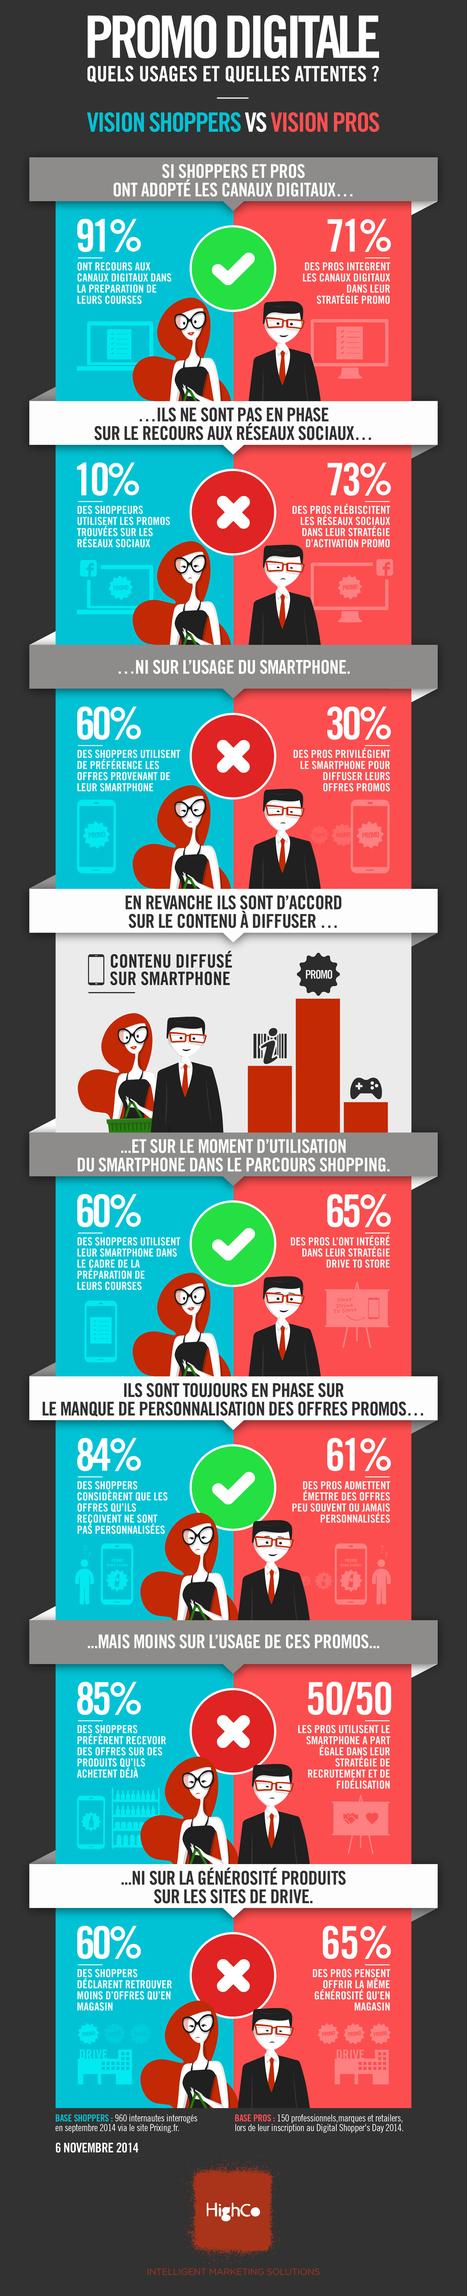 Résultats du sondage «Promotion Digitale : Visions Shoppers vs Visions Pros» réalisé par HighCo   Smart Talk   Scoop.it